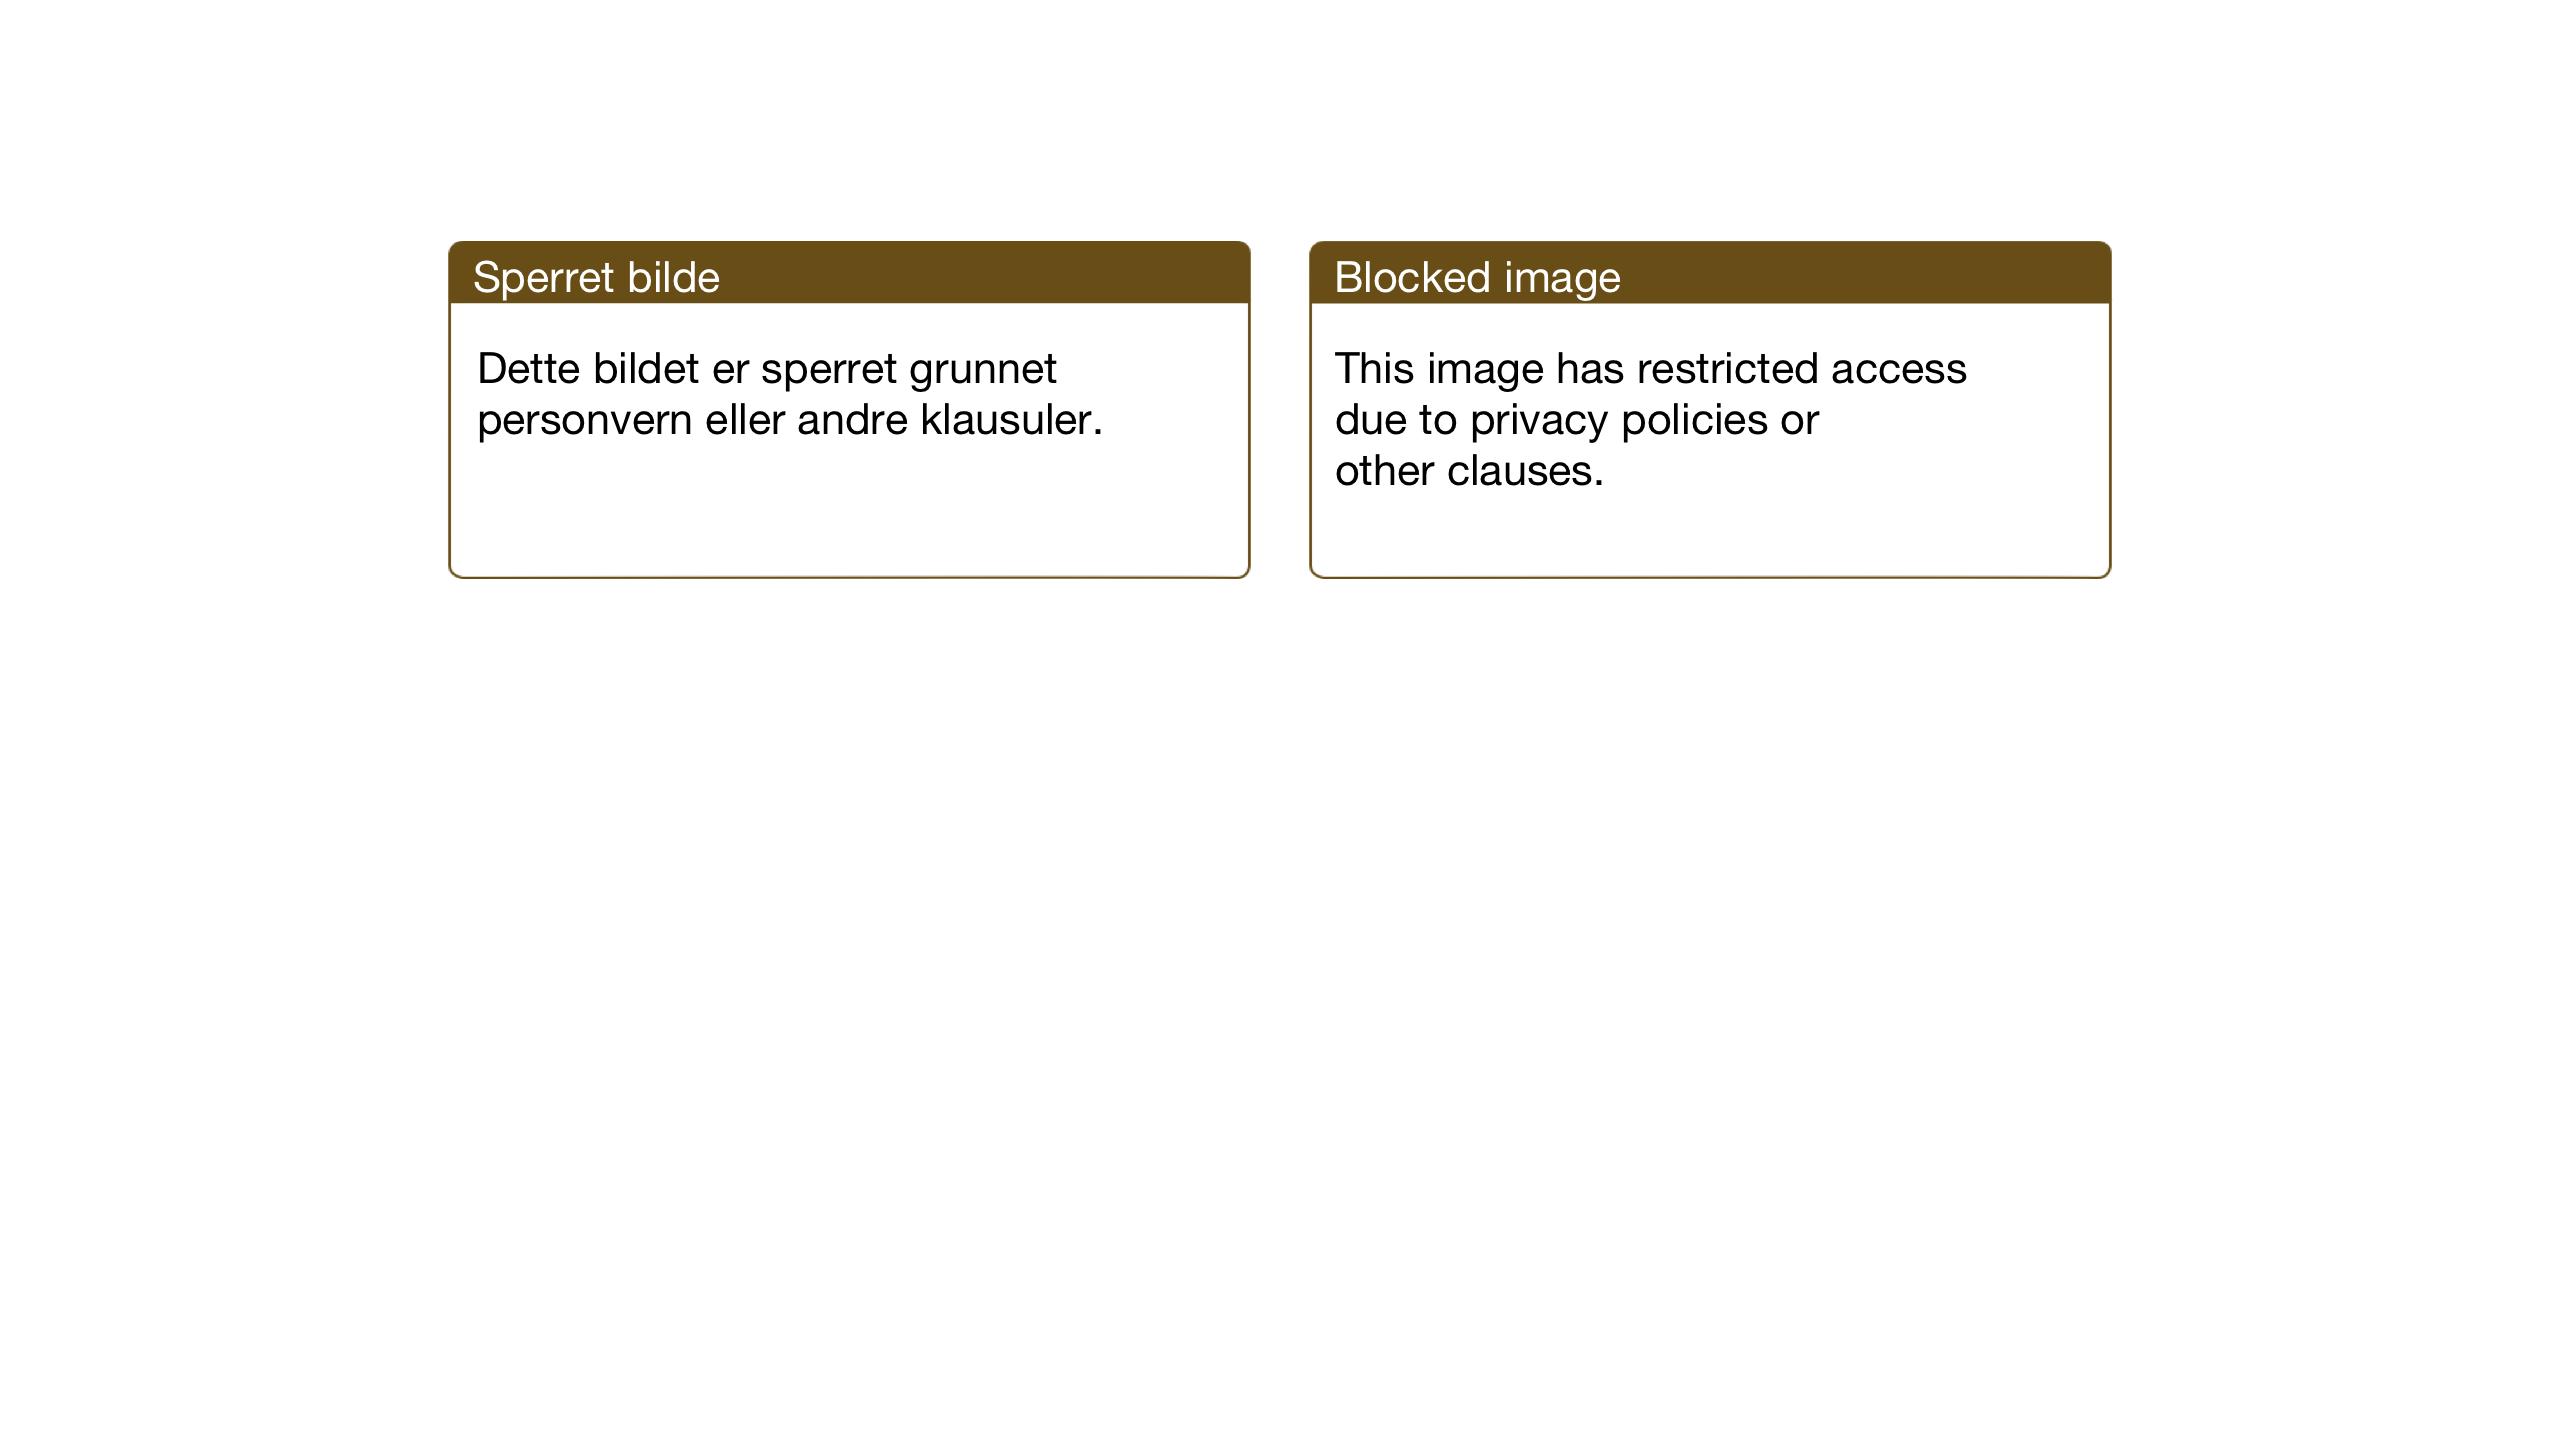 SAT, Ministerialprotokoller, klokkerbøker og fødselsregistre - Nord-Trøndelag, 701/L0019: Klokkerbok nr. 701C03, 1930-1953, s. 76